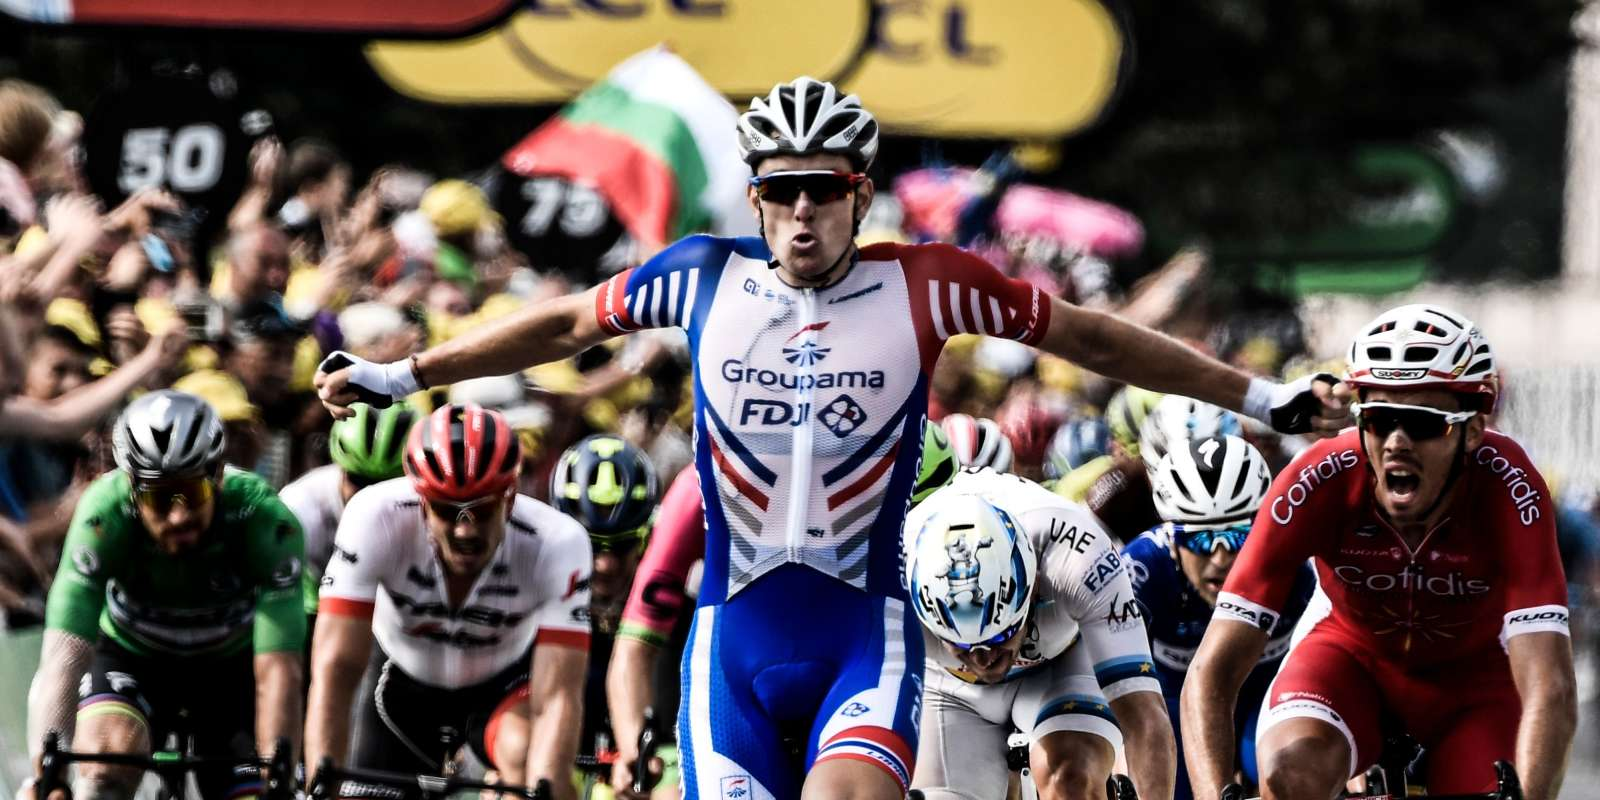 Le Français Arnaud Démare remporte la 18e étape du Tour de France jeudi 26 juillet.